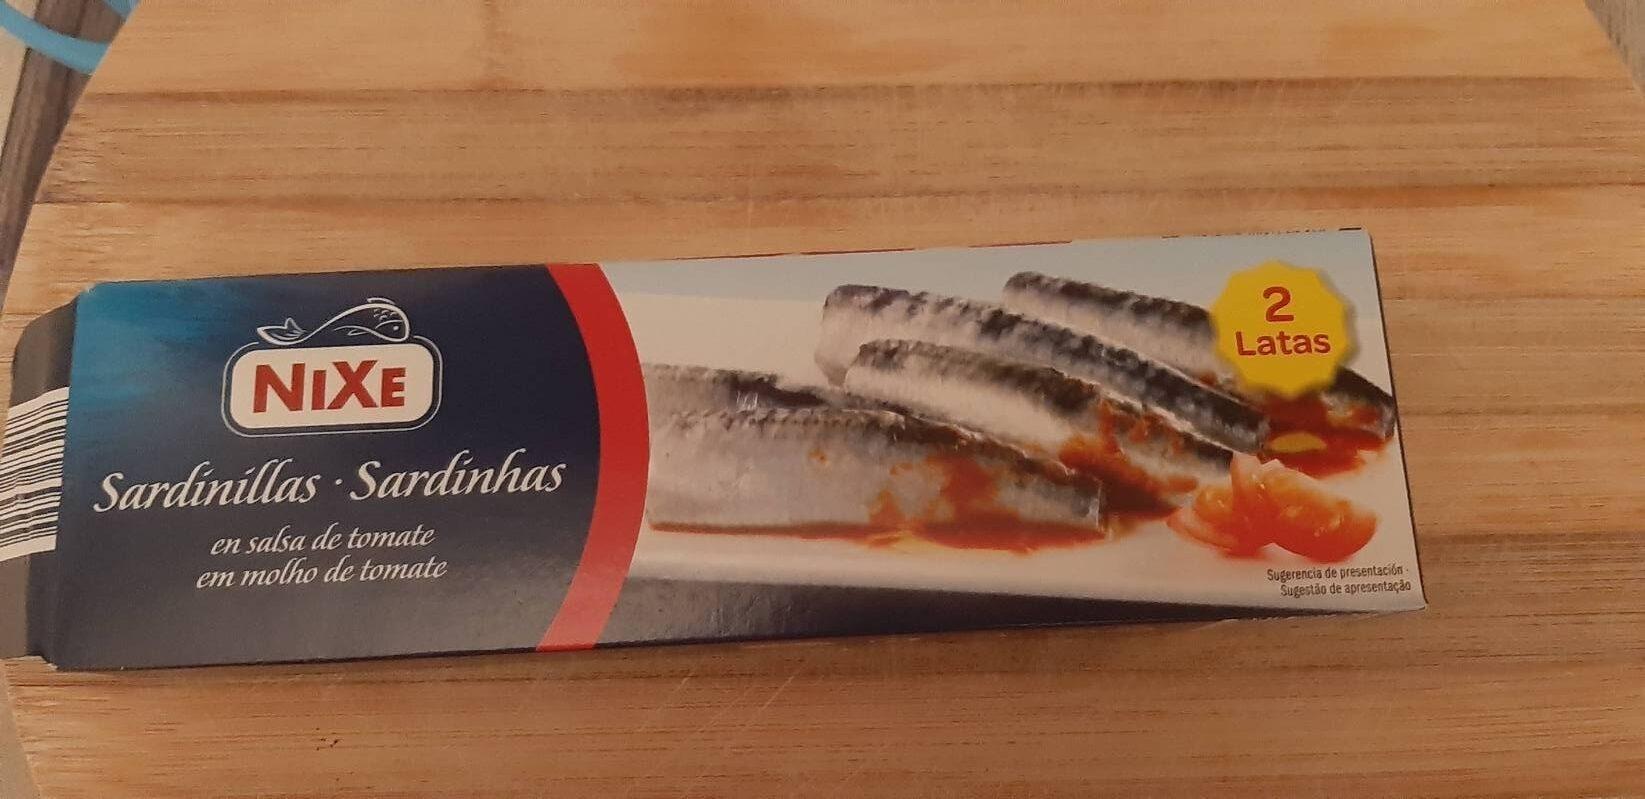 Sardinillas en salsa de tomate - Product - es